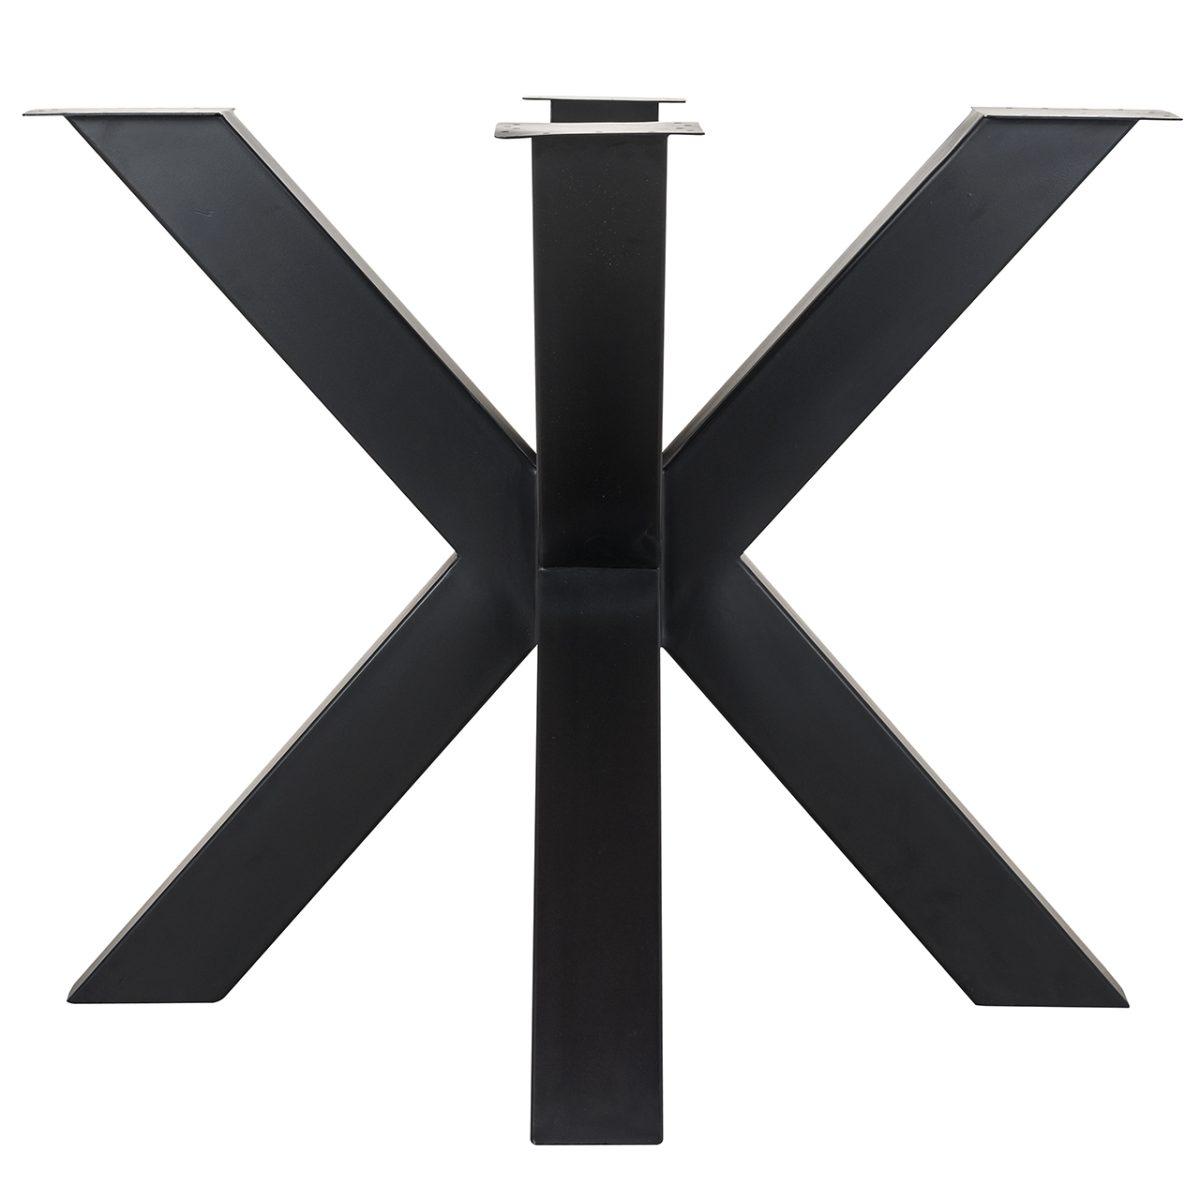 6067 LEG - Eettafel poot X-leg Bodhi Black